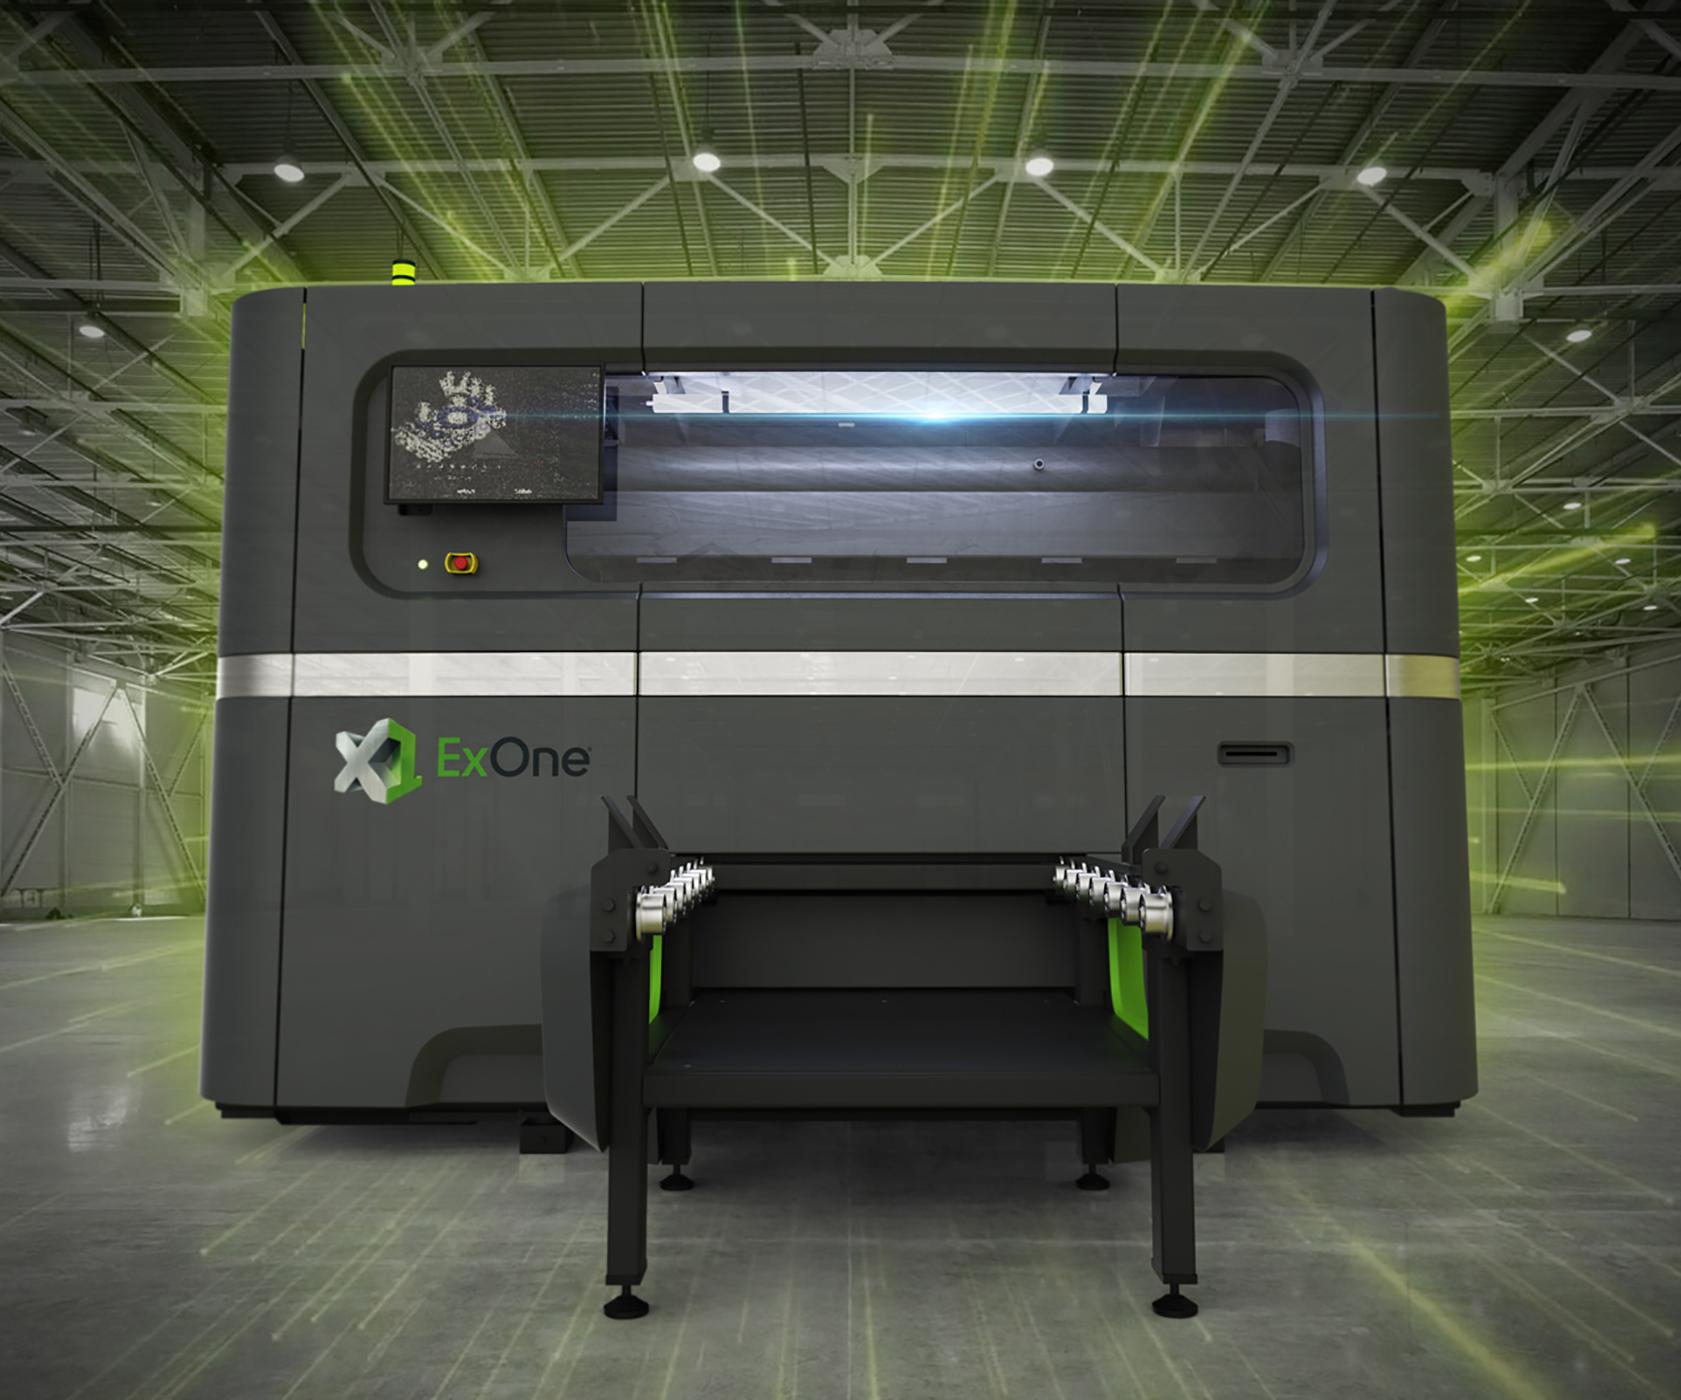 Impresora 3D X1 160Pro, de ExOne.